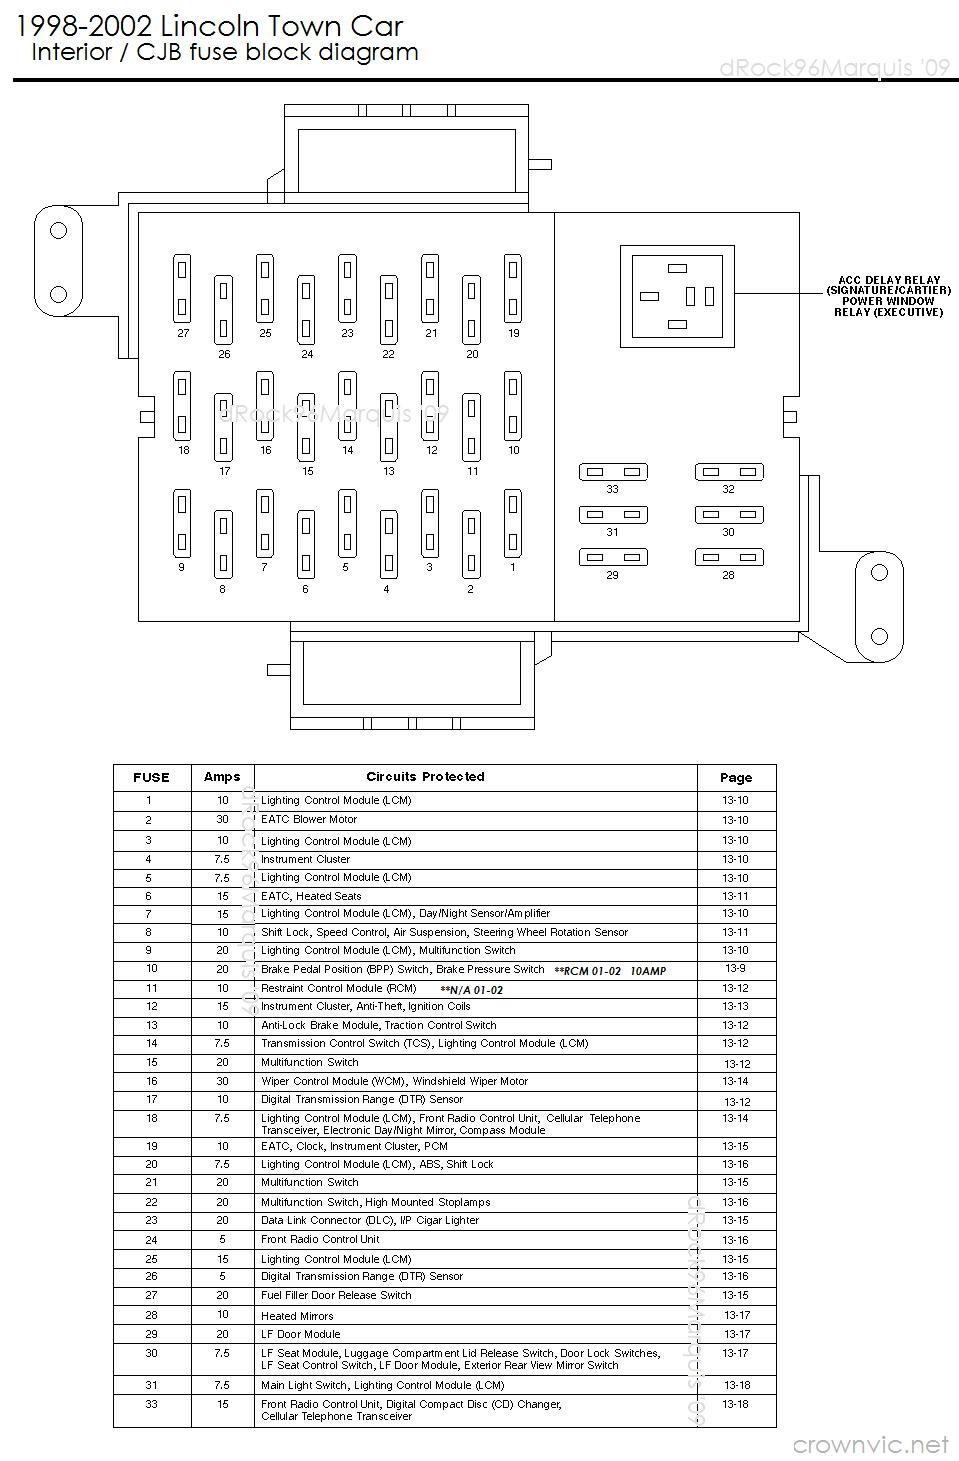 2004 Lincoln Town Car Fuse Box Diagram : lincoln, diagram, Lincoln, Diagram, Wiring, Filter, High-follow, High-follow.cosmoristrutturazioni.it